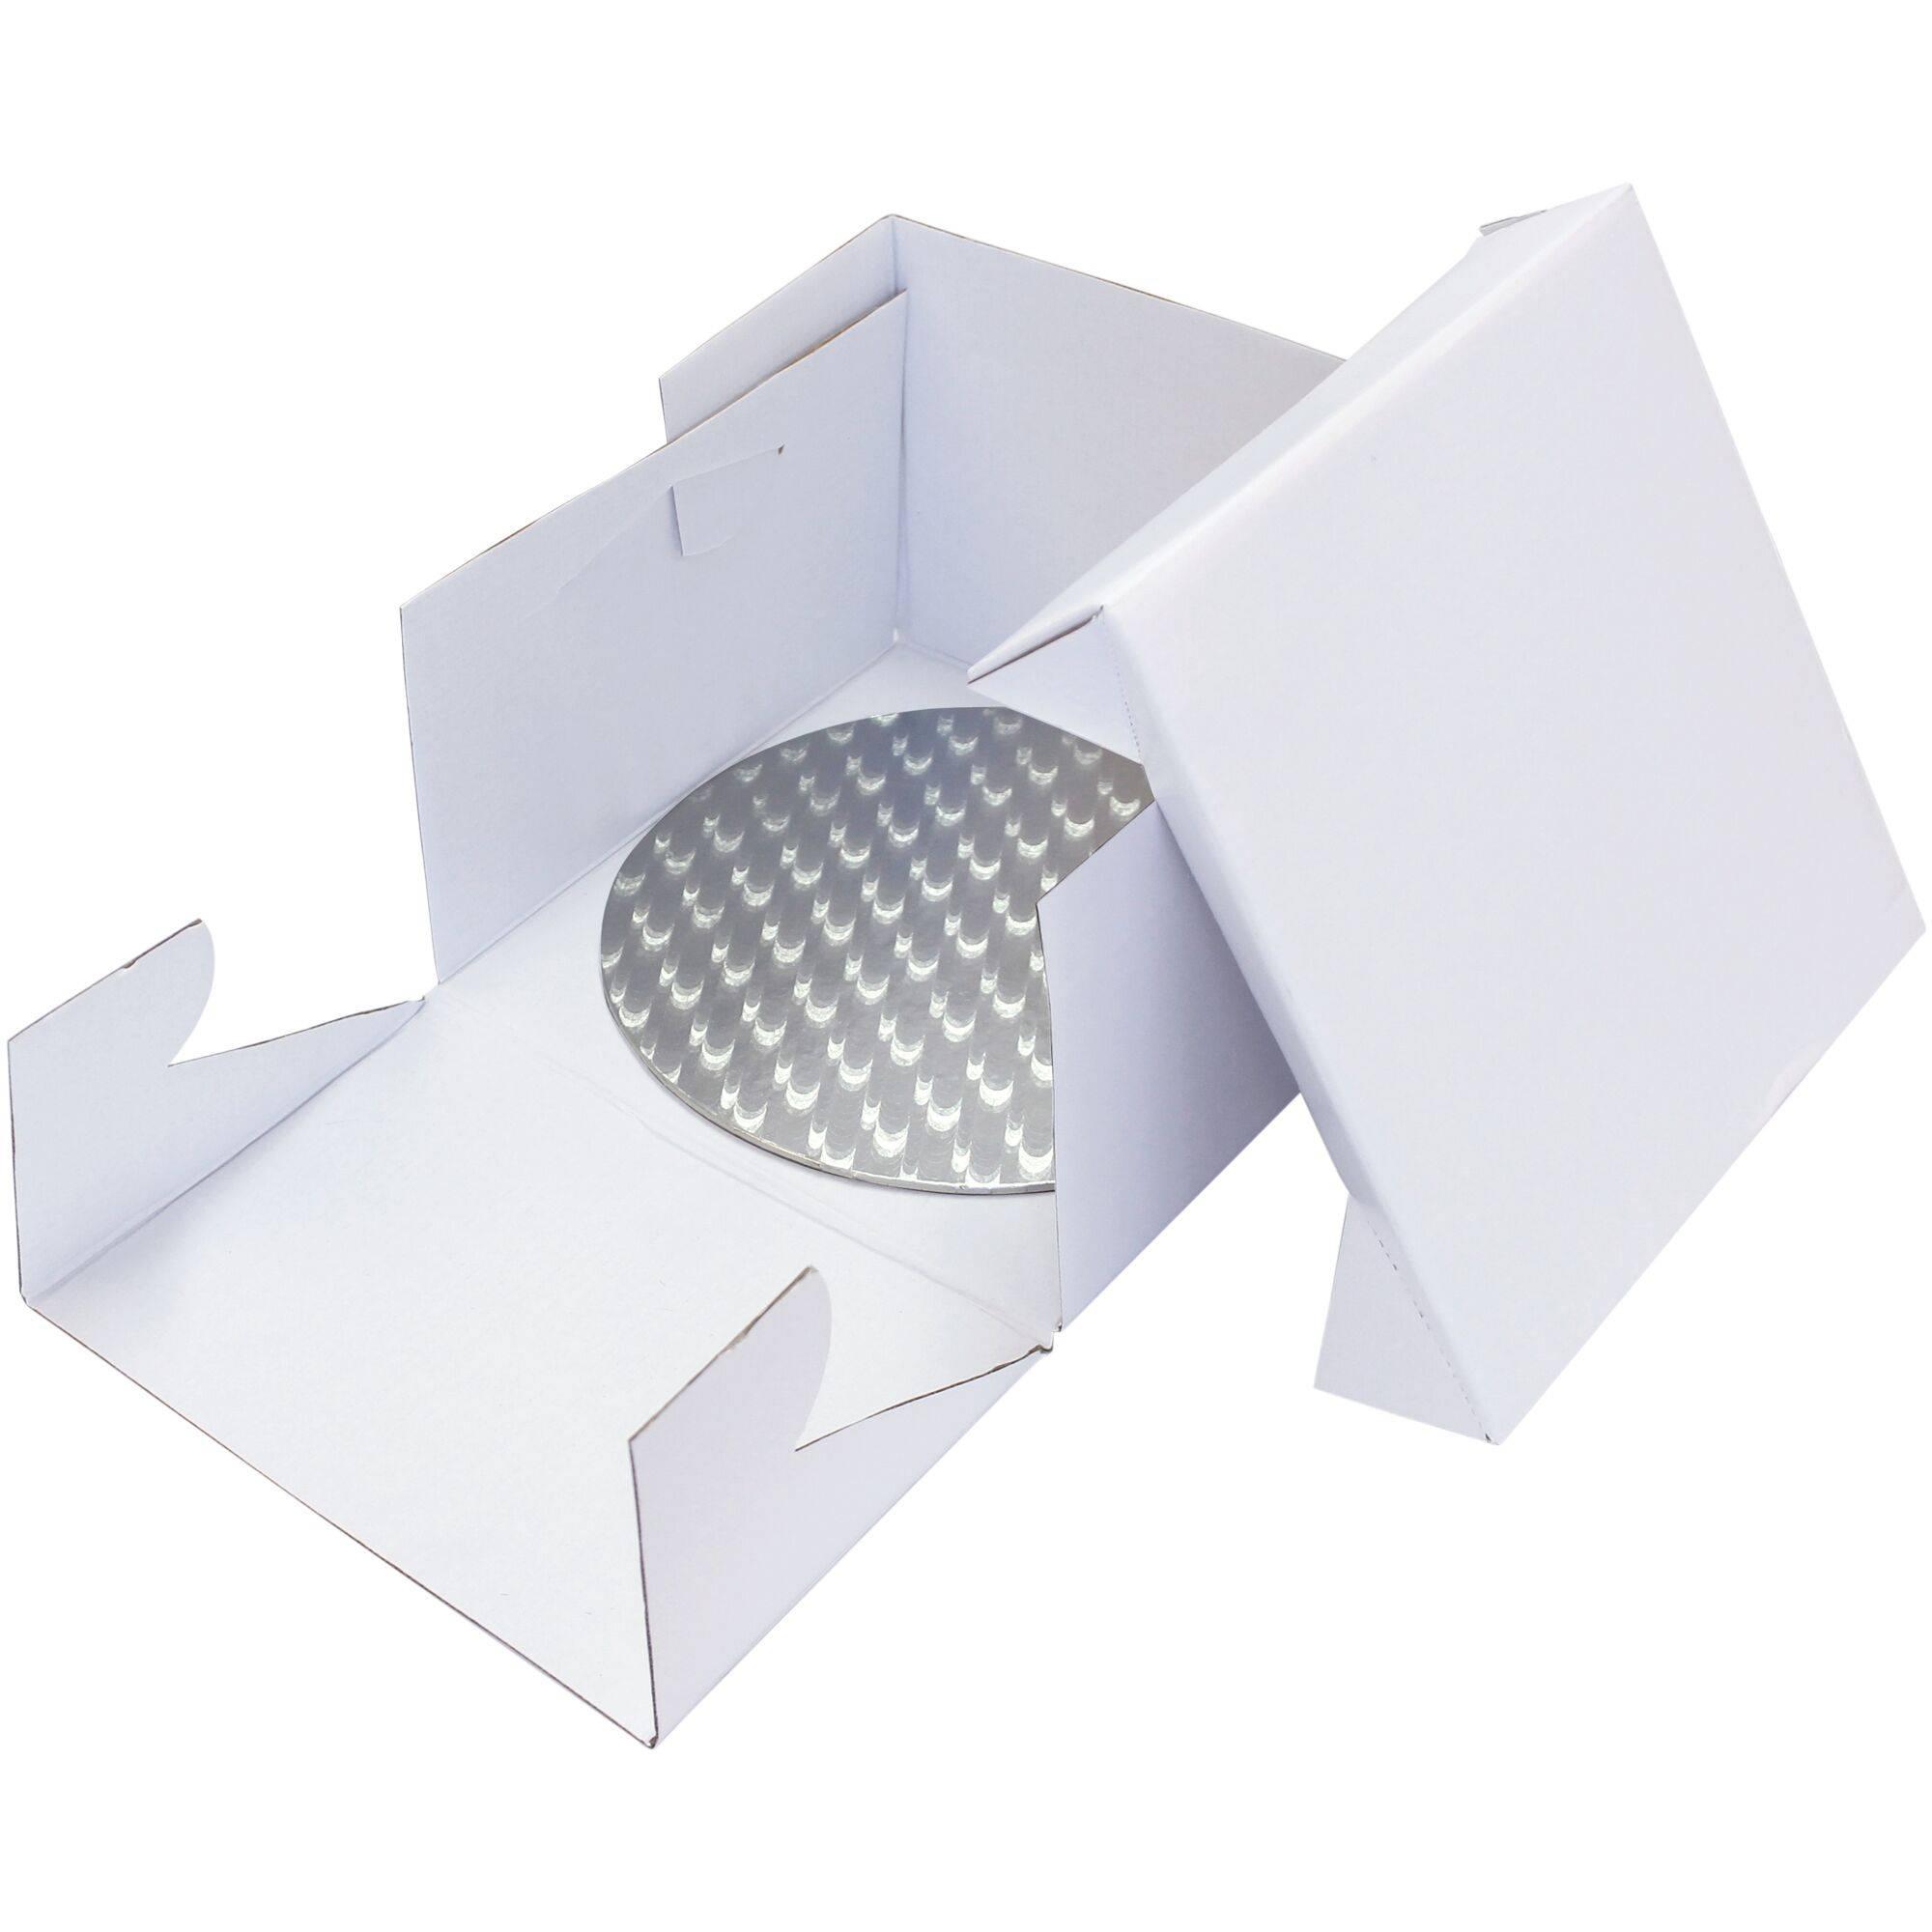 Plateau a gateau rond 20cm Or argent support carton boite